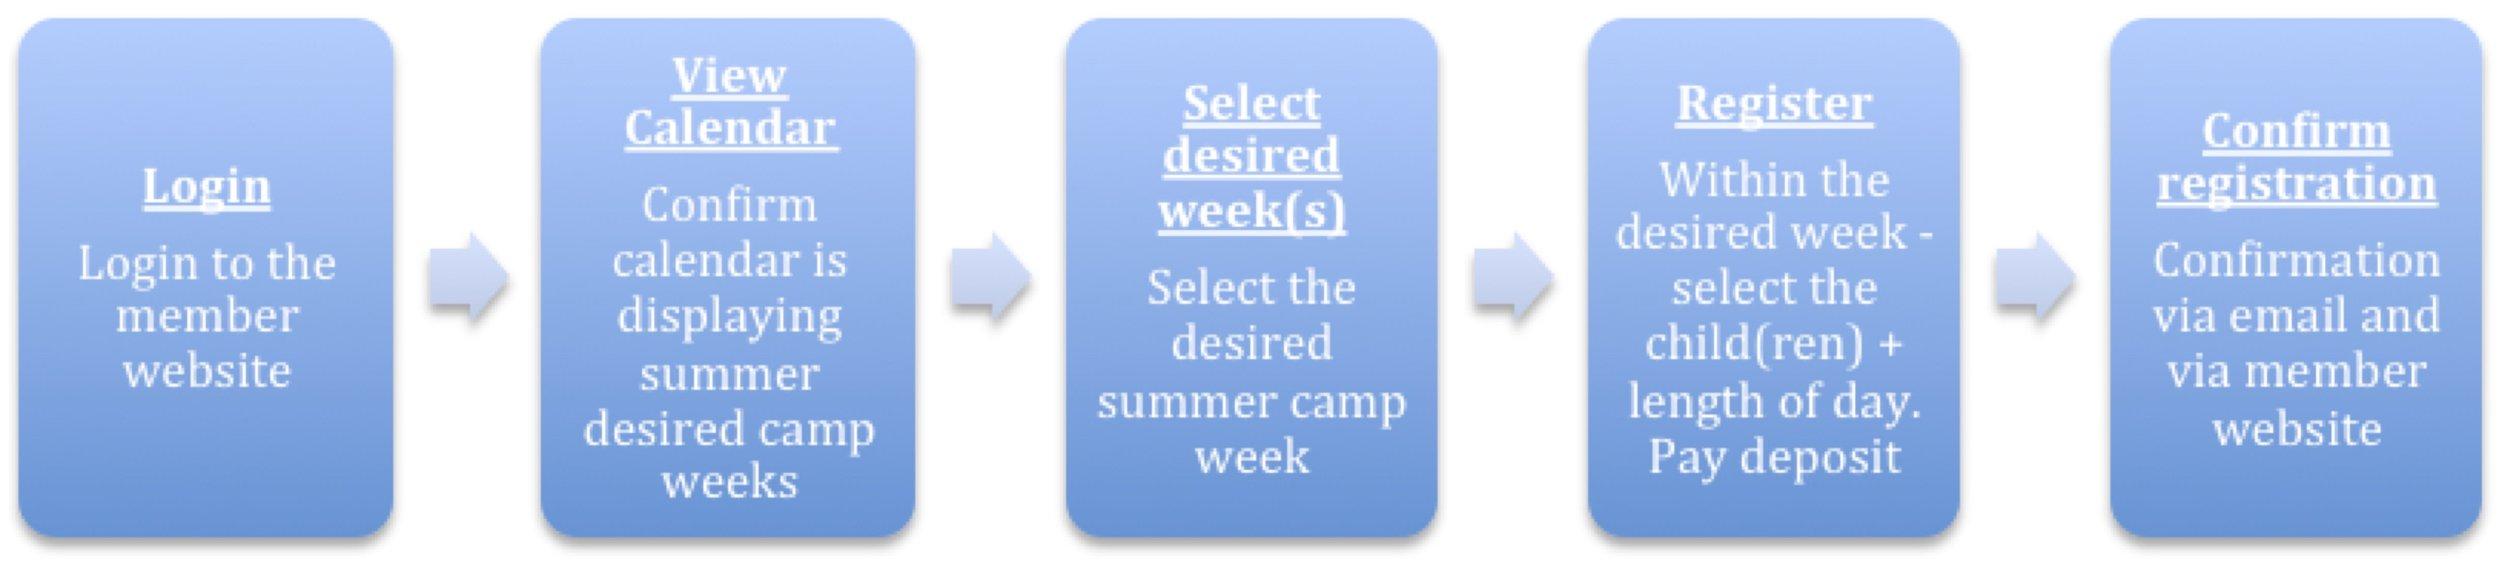 Summer Camp 2017 - Sign Up Flow Diagram.jpg